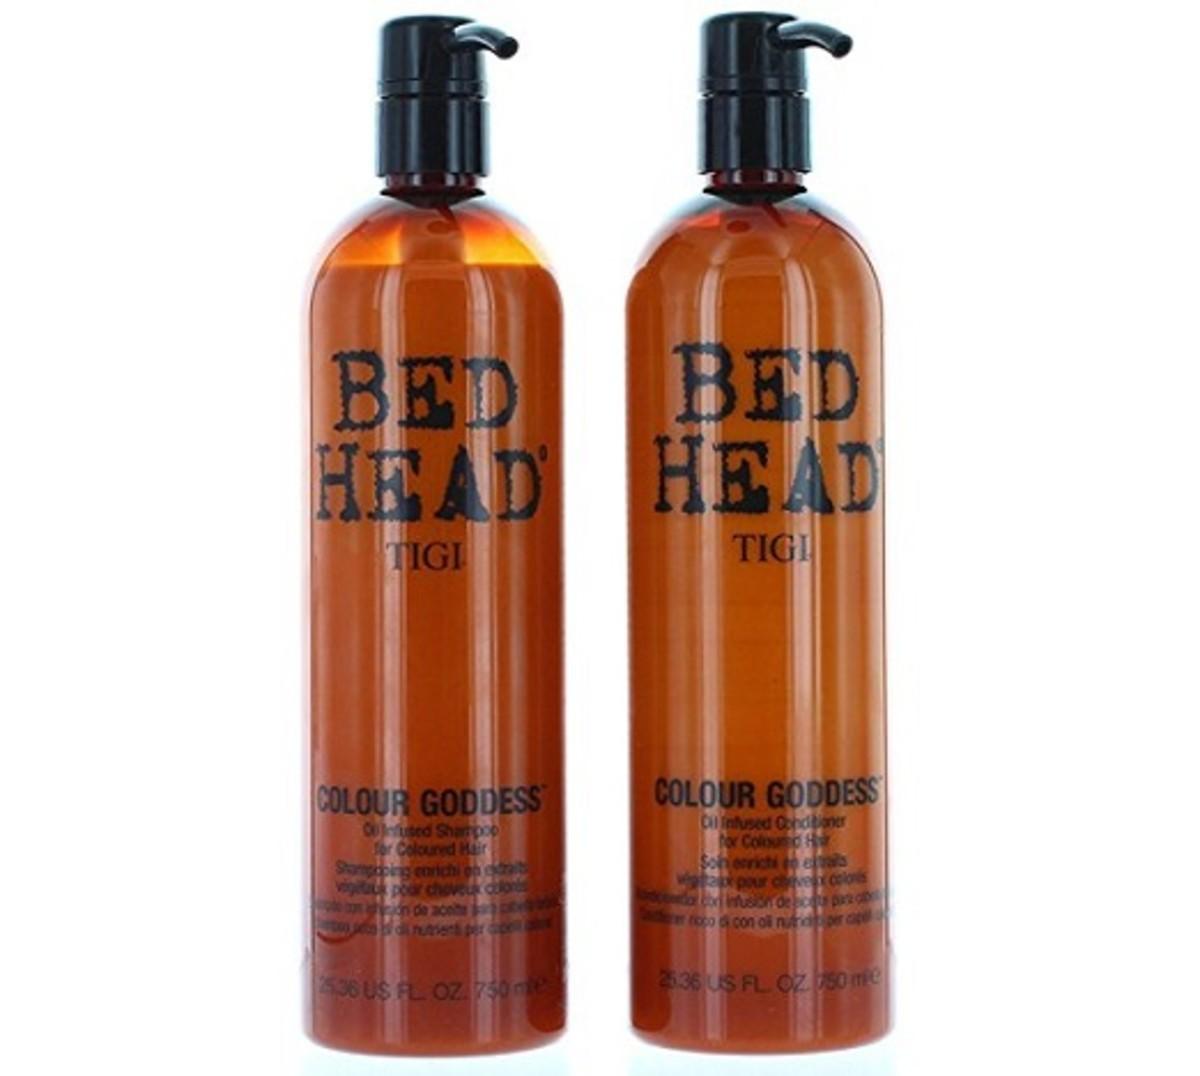 TIGI Bed Head Color Goddess Oil Infused Shampoo & Conditioner.